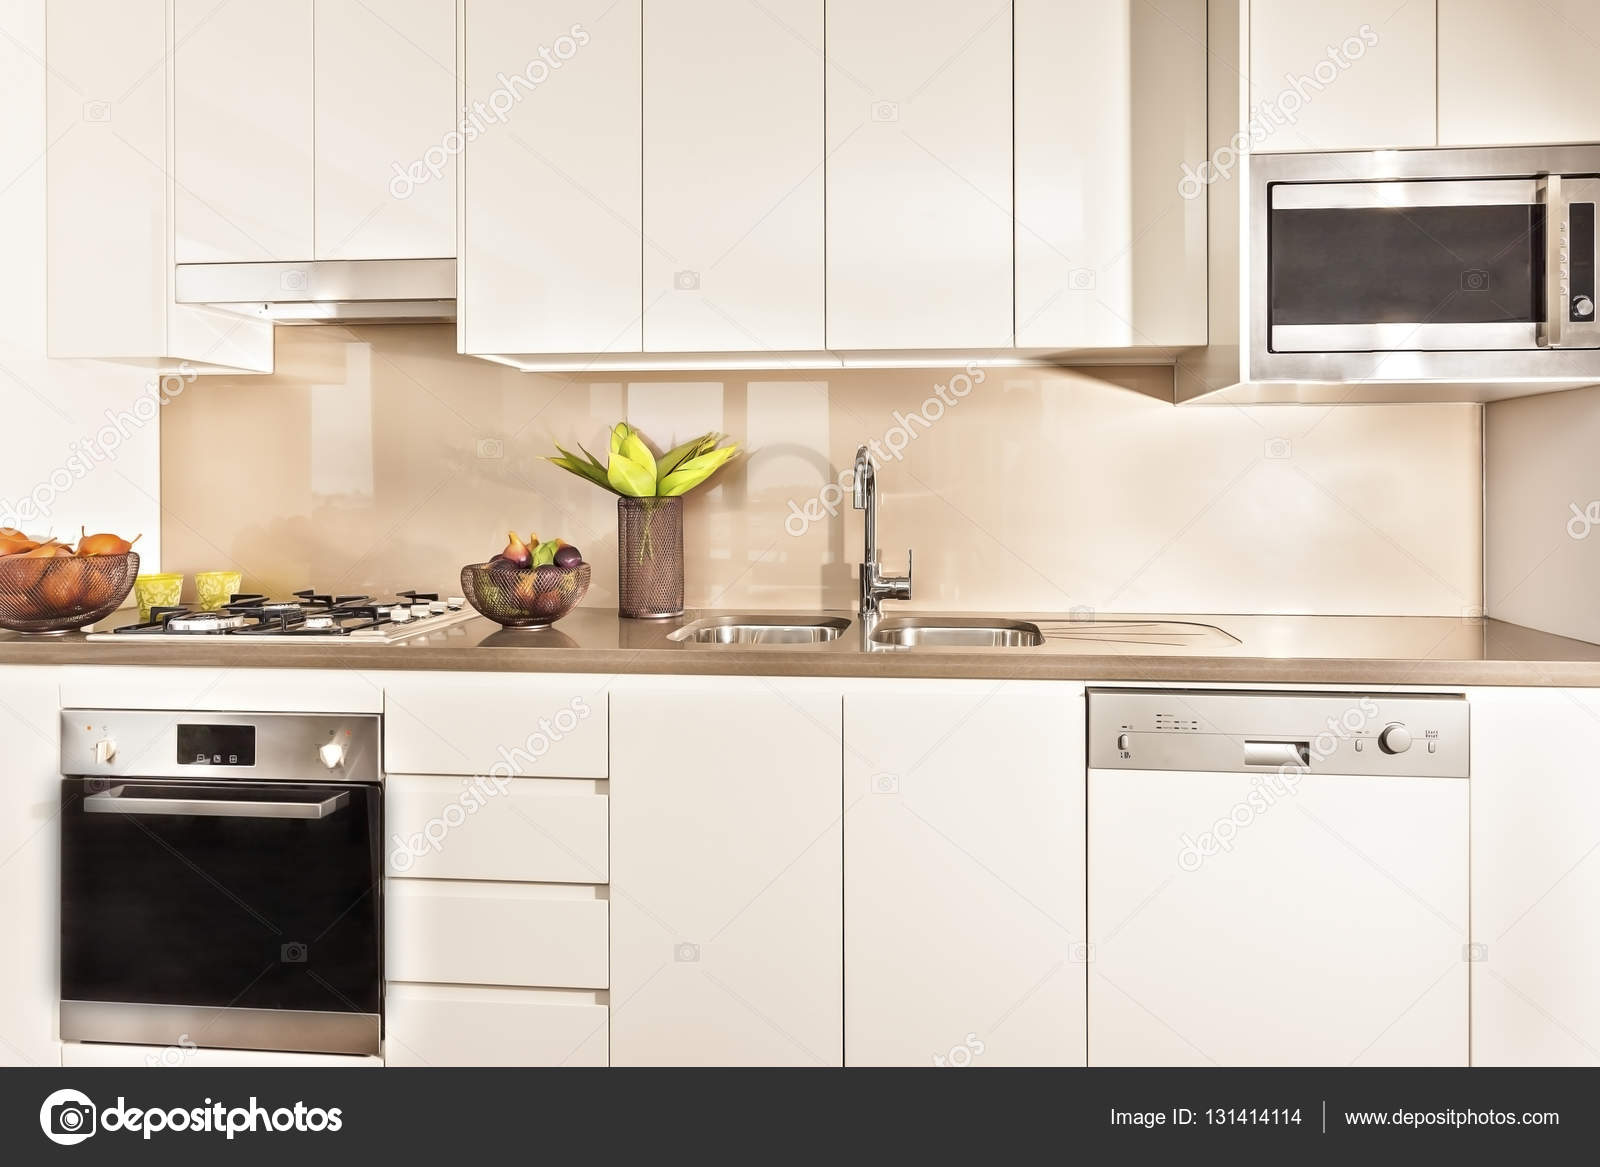 Küche Interieur und Tools mit Lichtern beleuchtet — Stockfoto ...